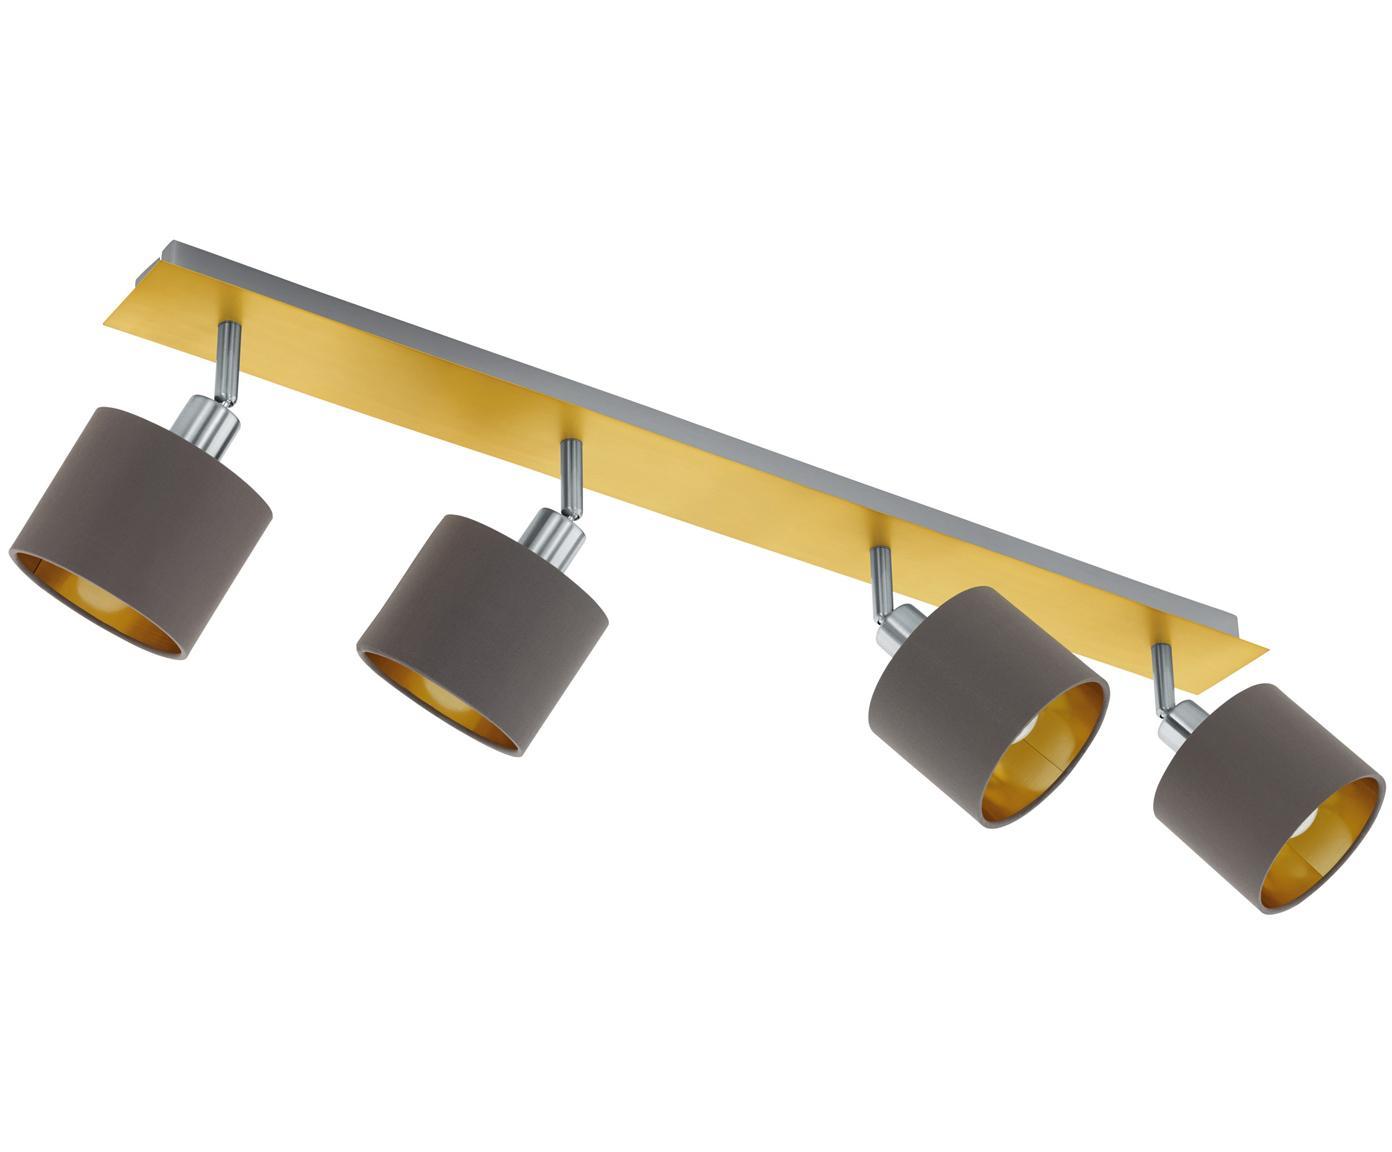 Faretti da soffitto Valbiano, Paralume: poliestere, Baldacchino: acciaio nichelato, ottone, Marrone, dorato, Larg. 78 x Alt. 20 cm